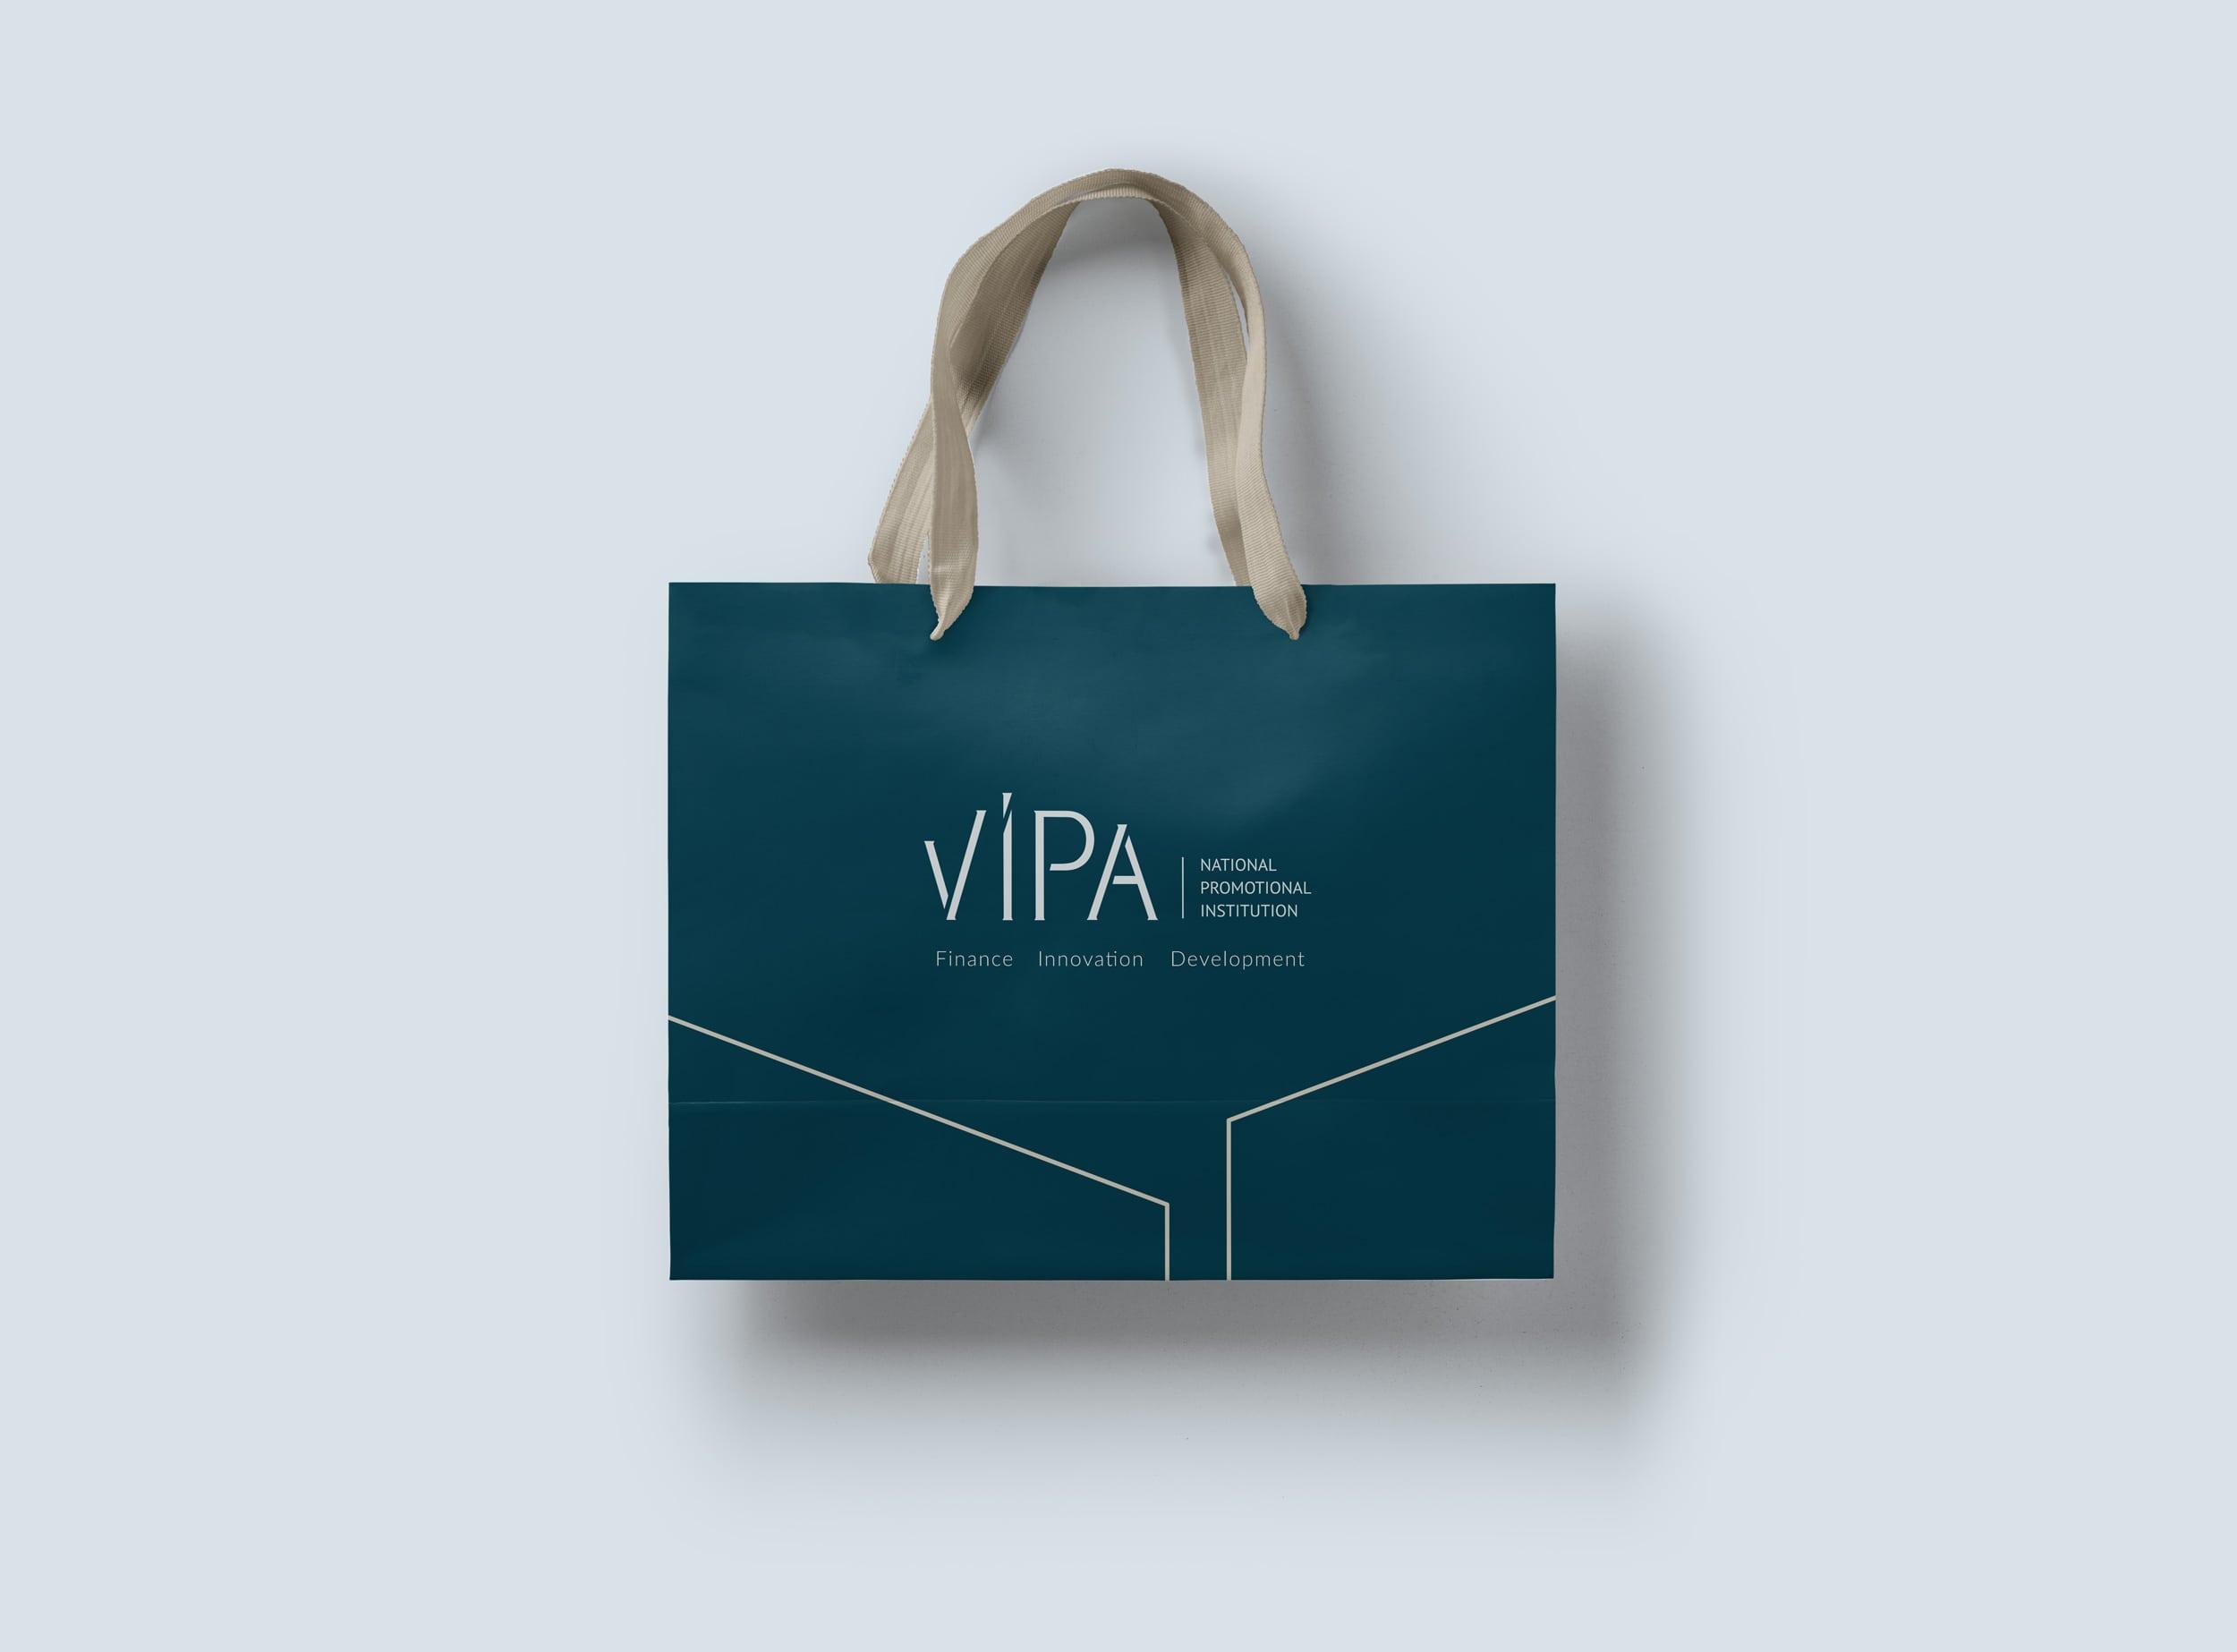 Vipa-VJS-agency-gift-bag-min.jpg